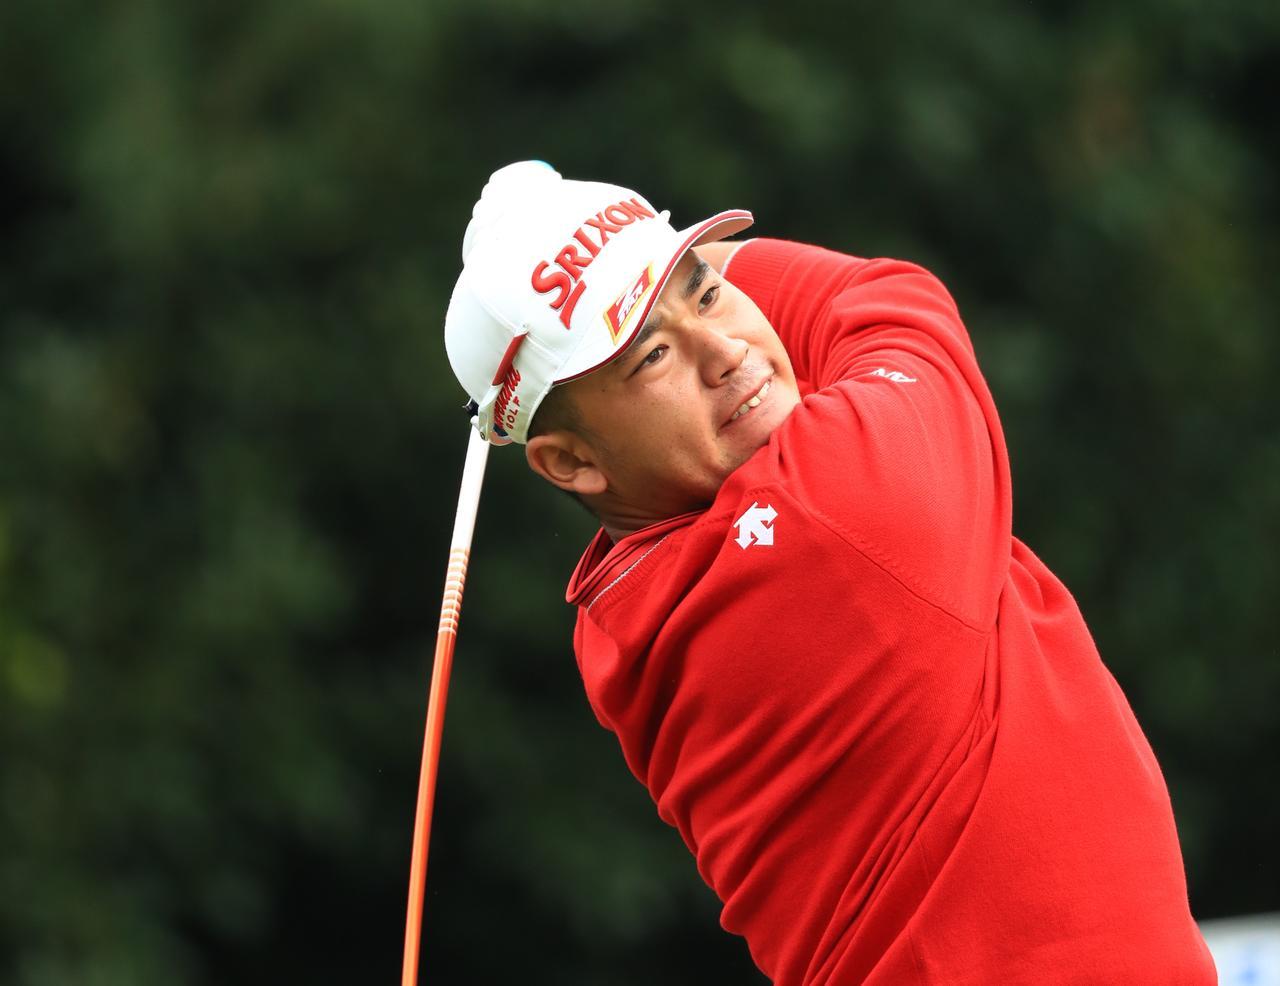 画像: 「真逆」の発想で勝利をつかんだ⁉︎ 松山英樹のバッグの中身 - みんなのゴルフダイジェスト